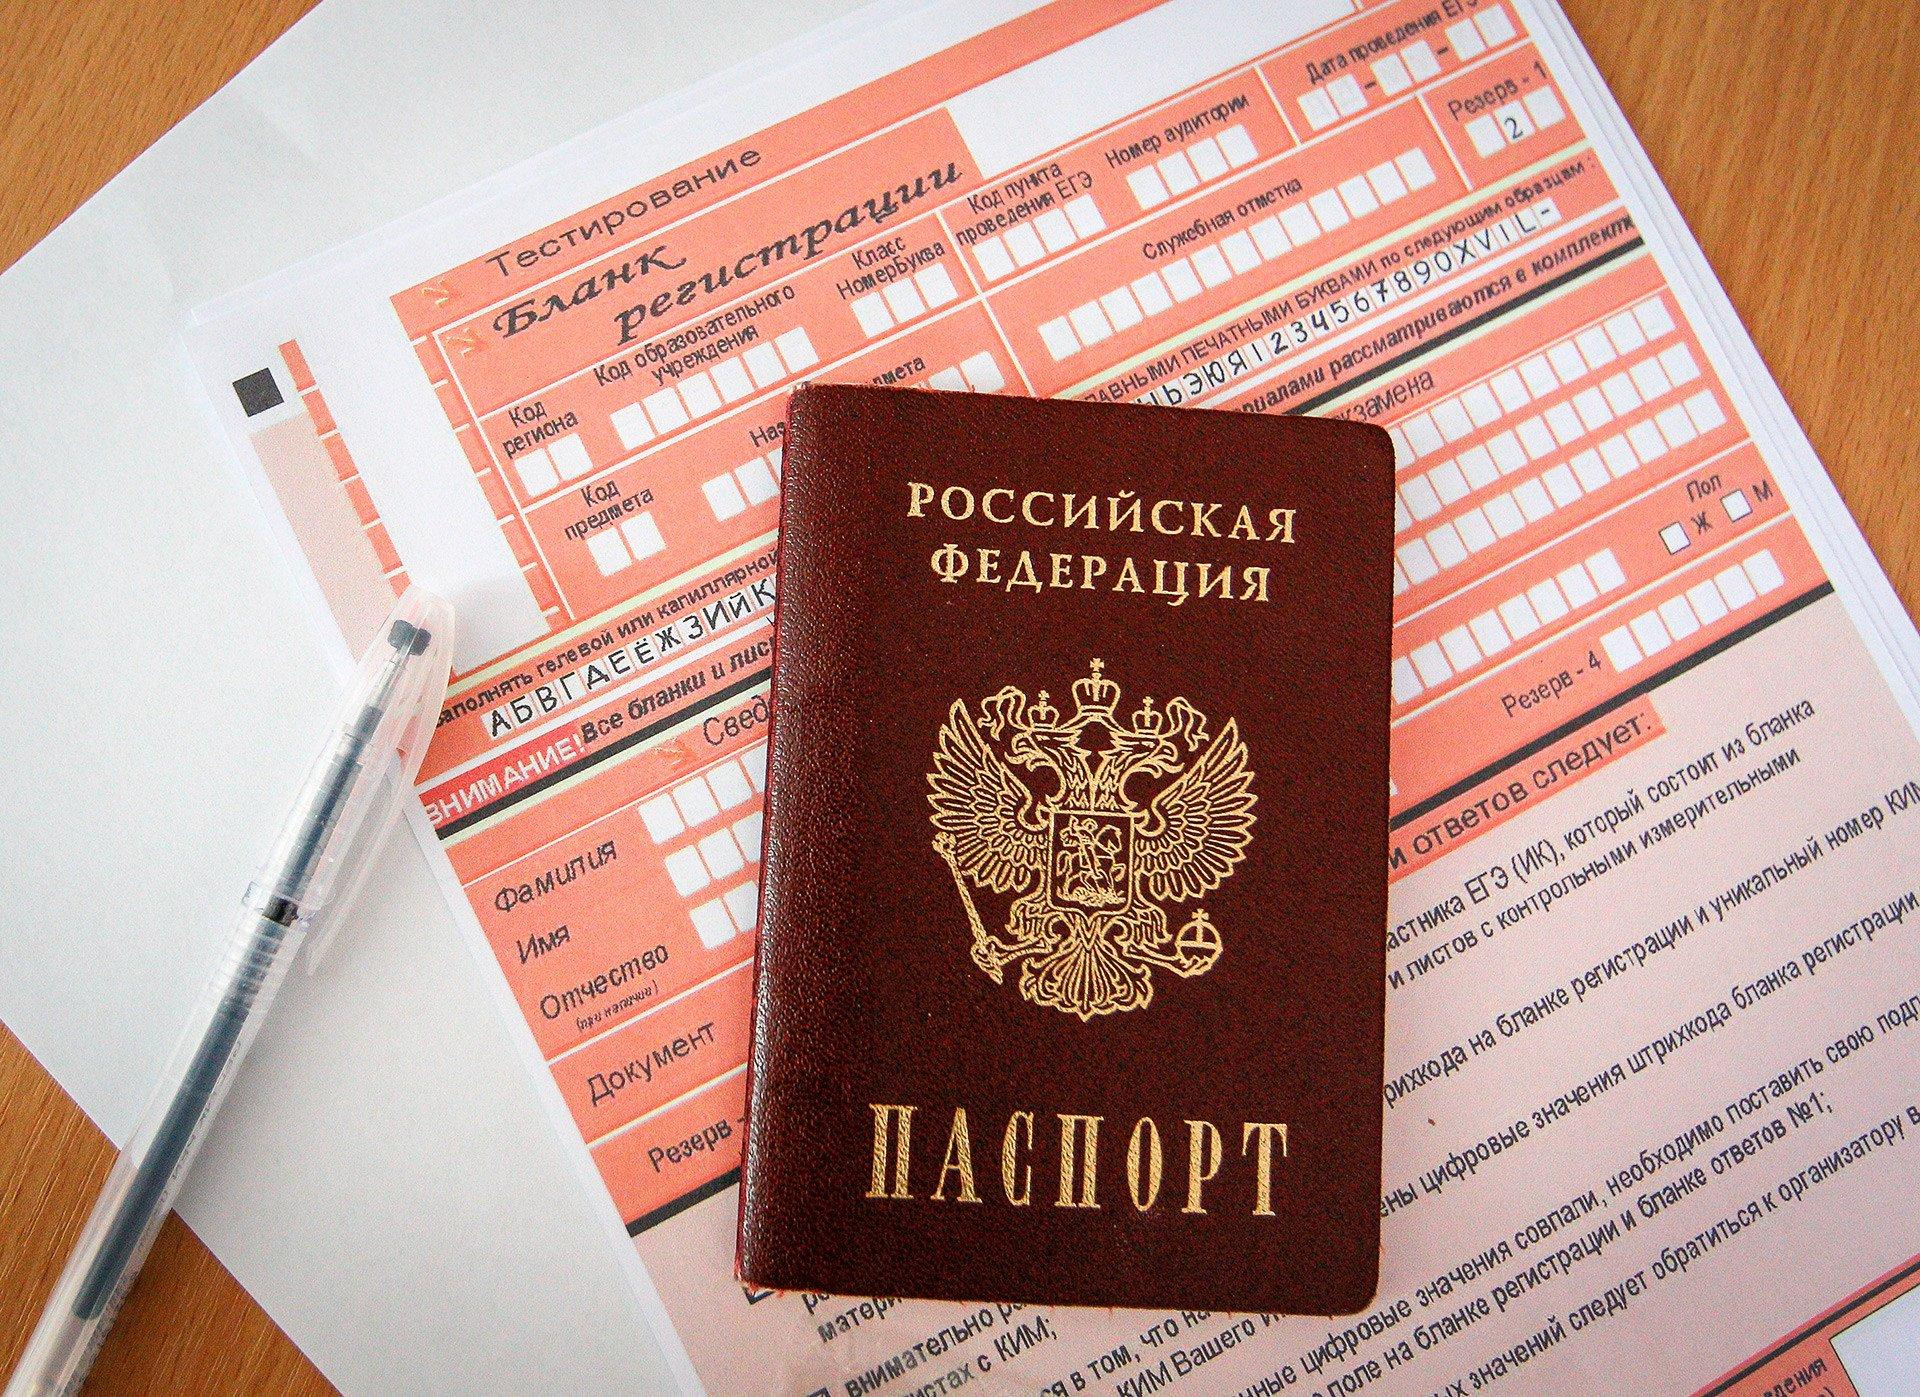 РФ прийняла в громадянство 640 000 жителів Донбасу